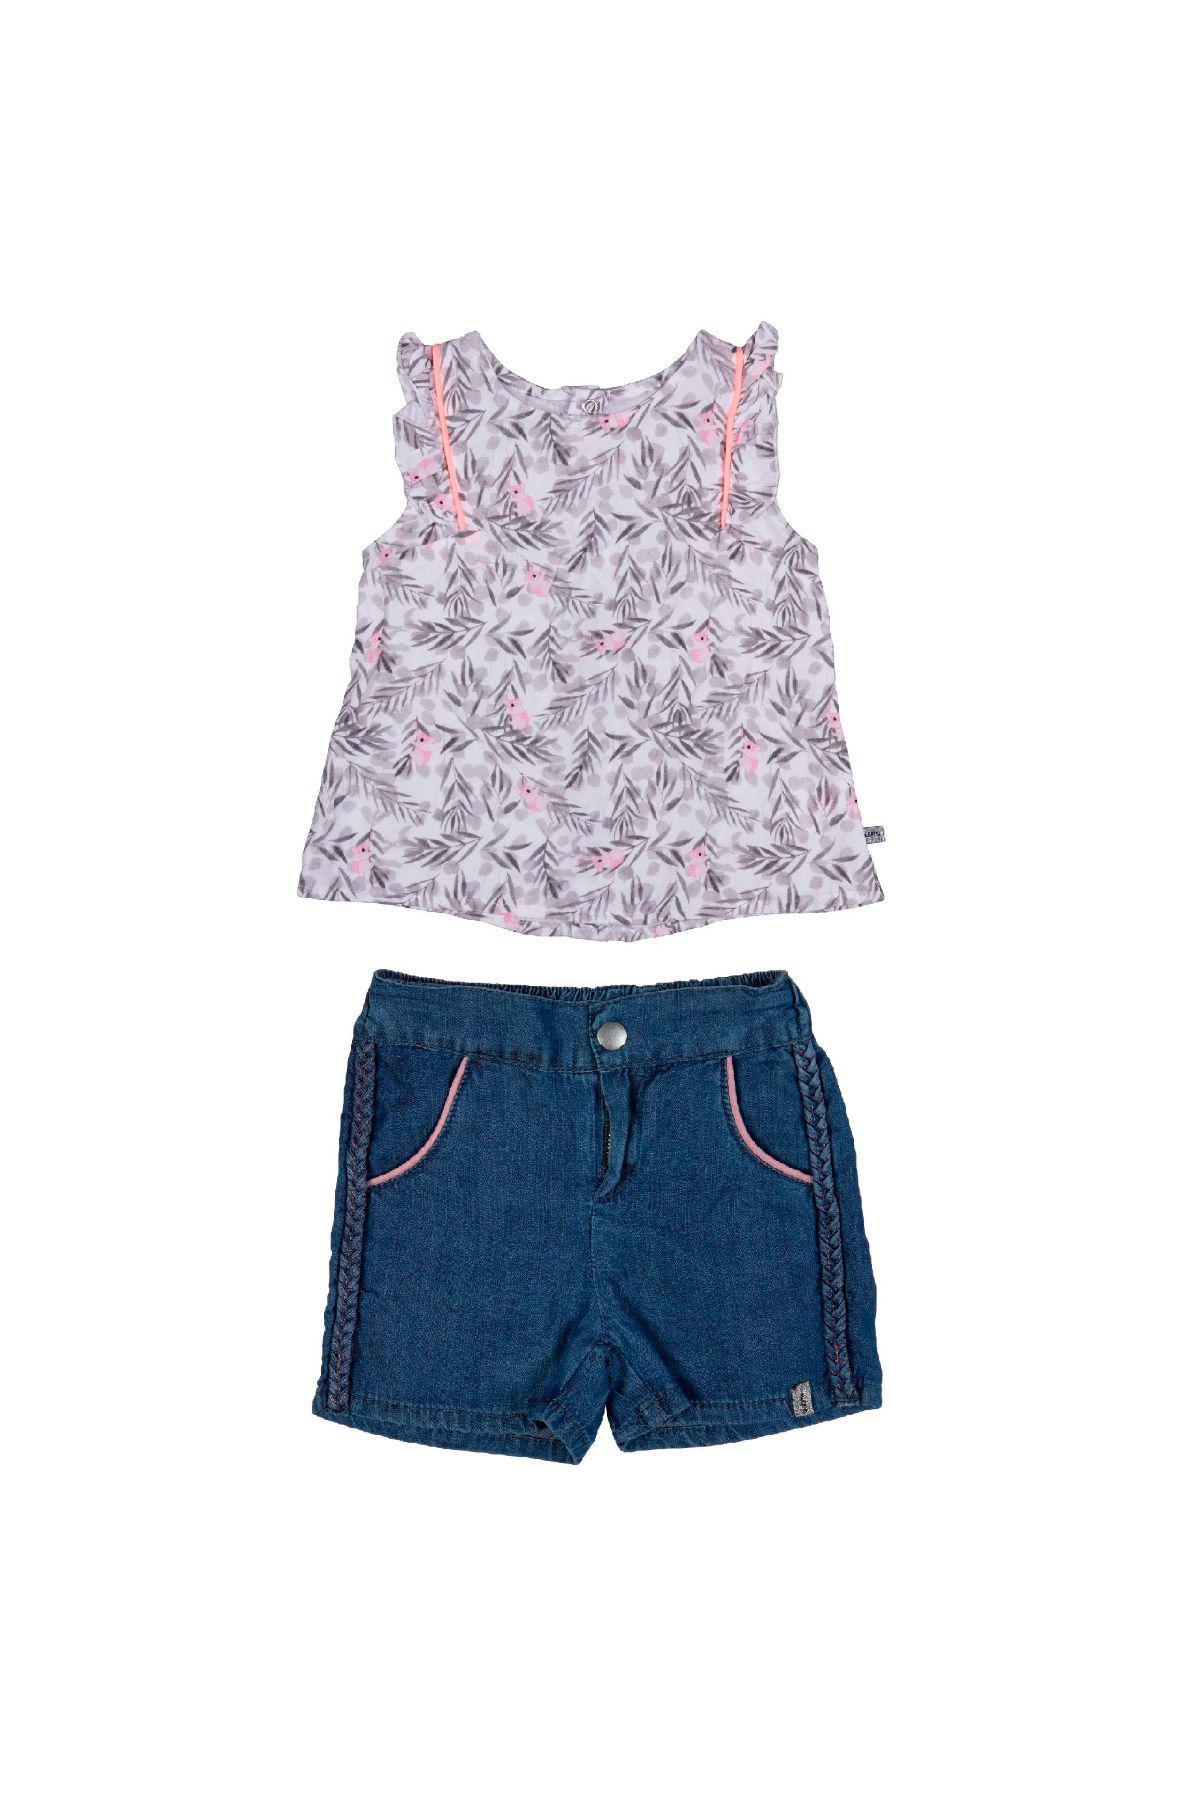 Bebepan 3955 СЕРЫЙ Детский костюм для девочек